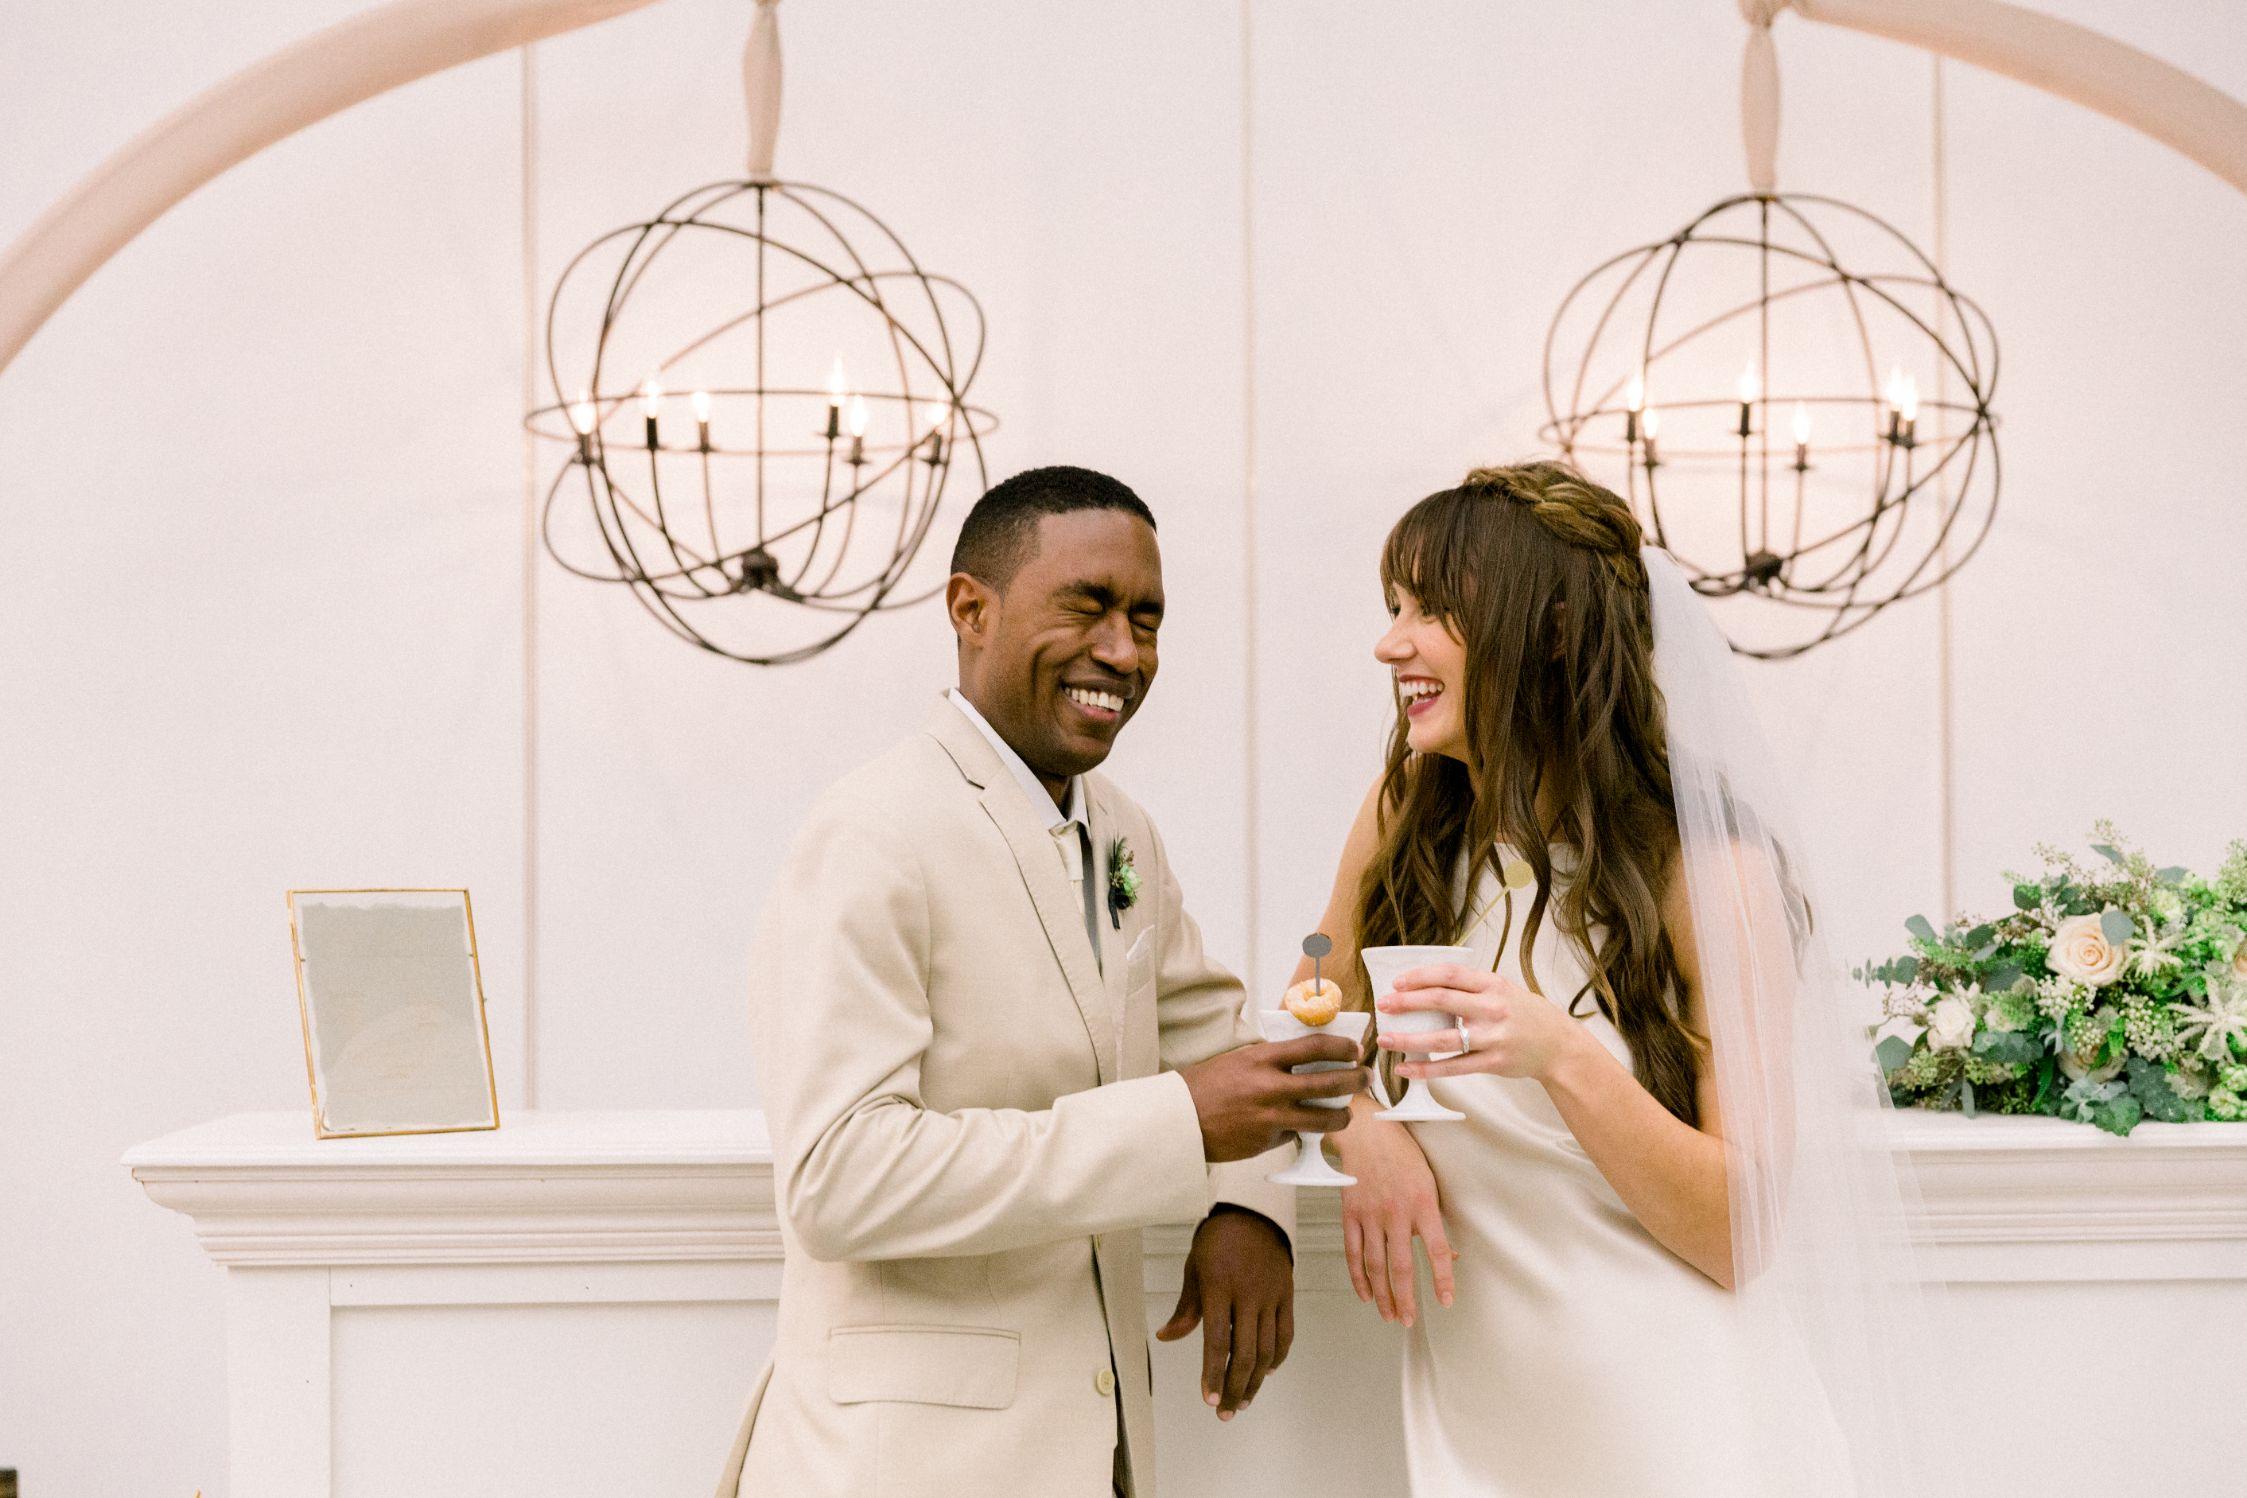 artists-for-humanity-industrial-bohemian-wedding-daylynn-designs345.jpg